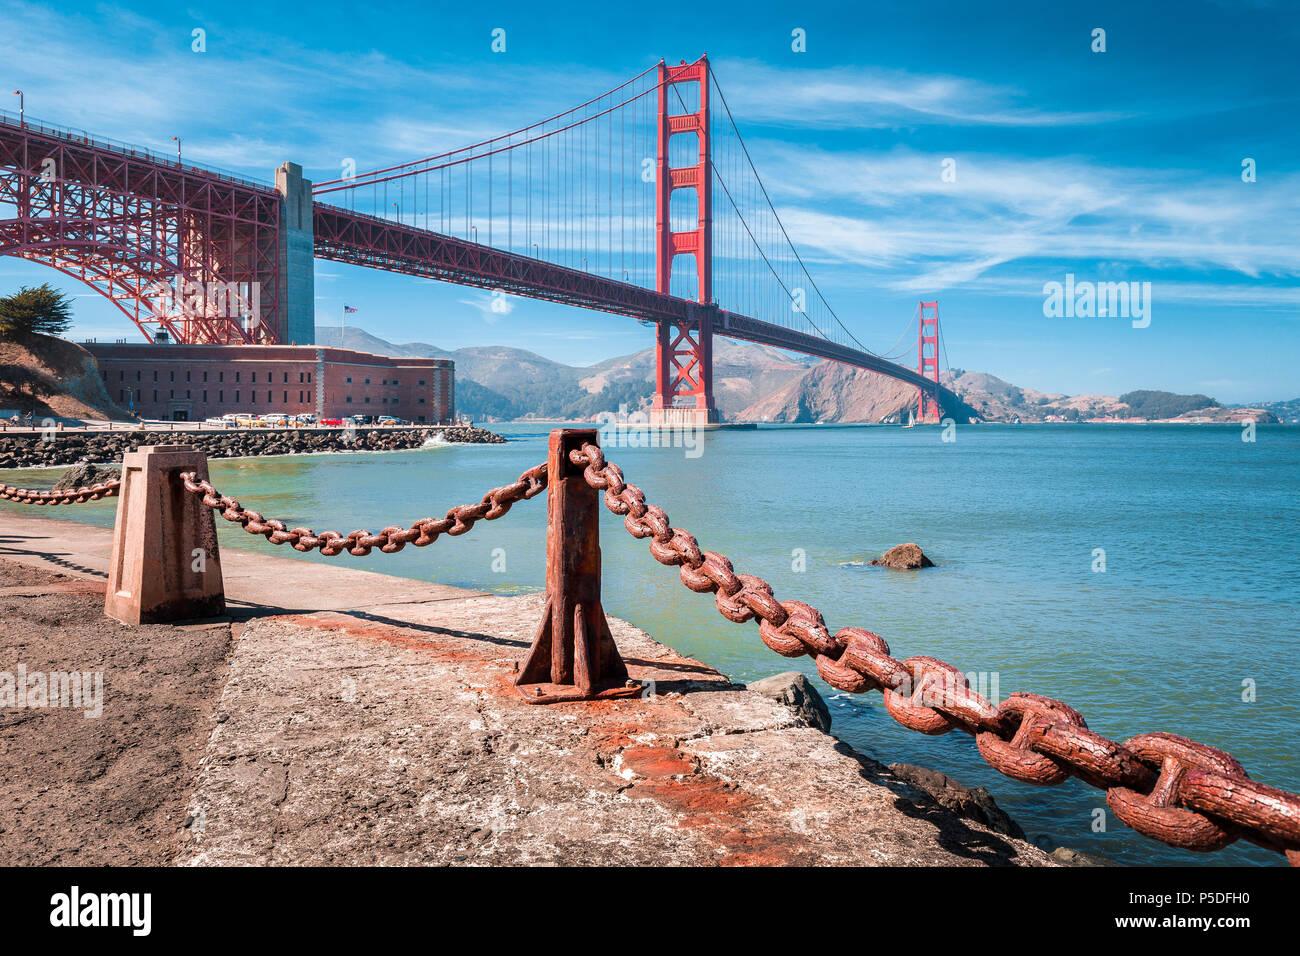 Vista clásica del famoso puente Golden Gate con punto de Fort National Historic Site en un hermoso día soleado con el cielo azul y las nubes, San Francisco, EE.UU. Foto de stock